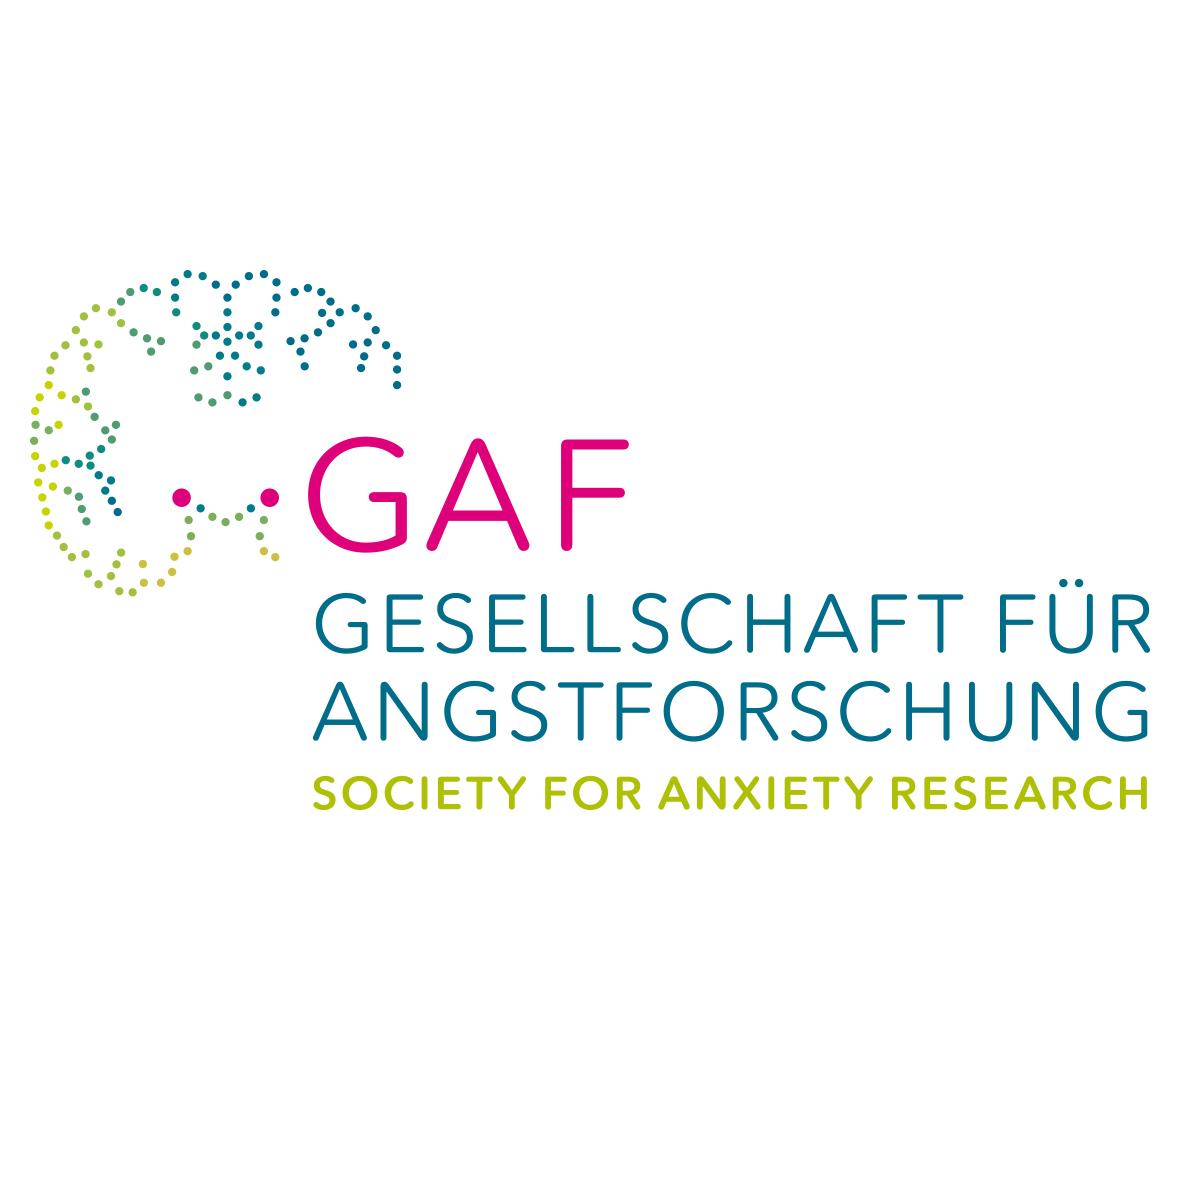 Logo für die Gesellschaft für Angstforschung